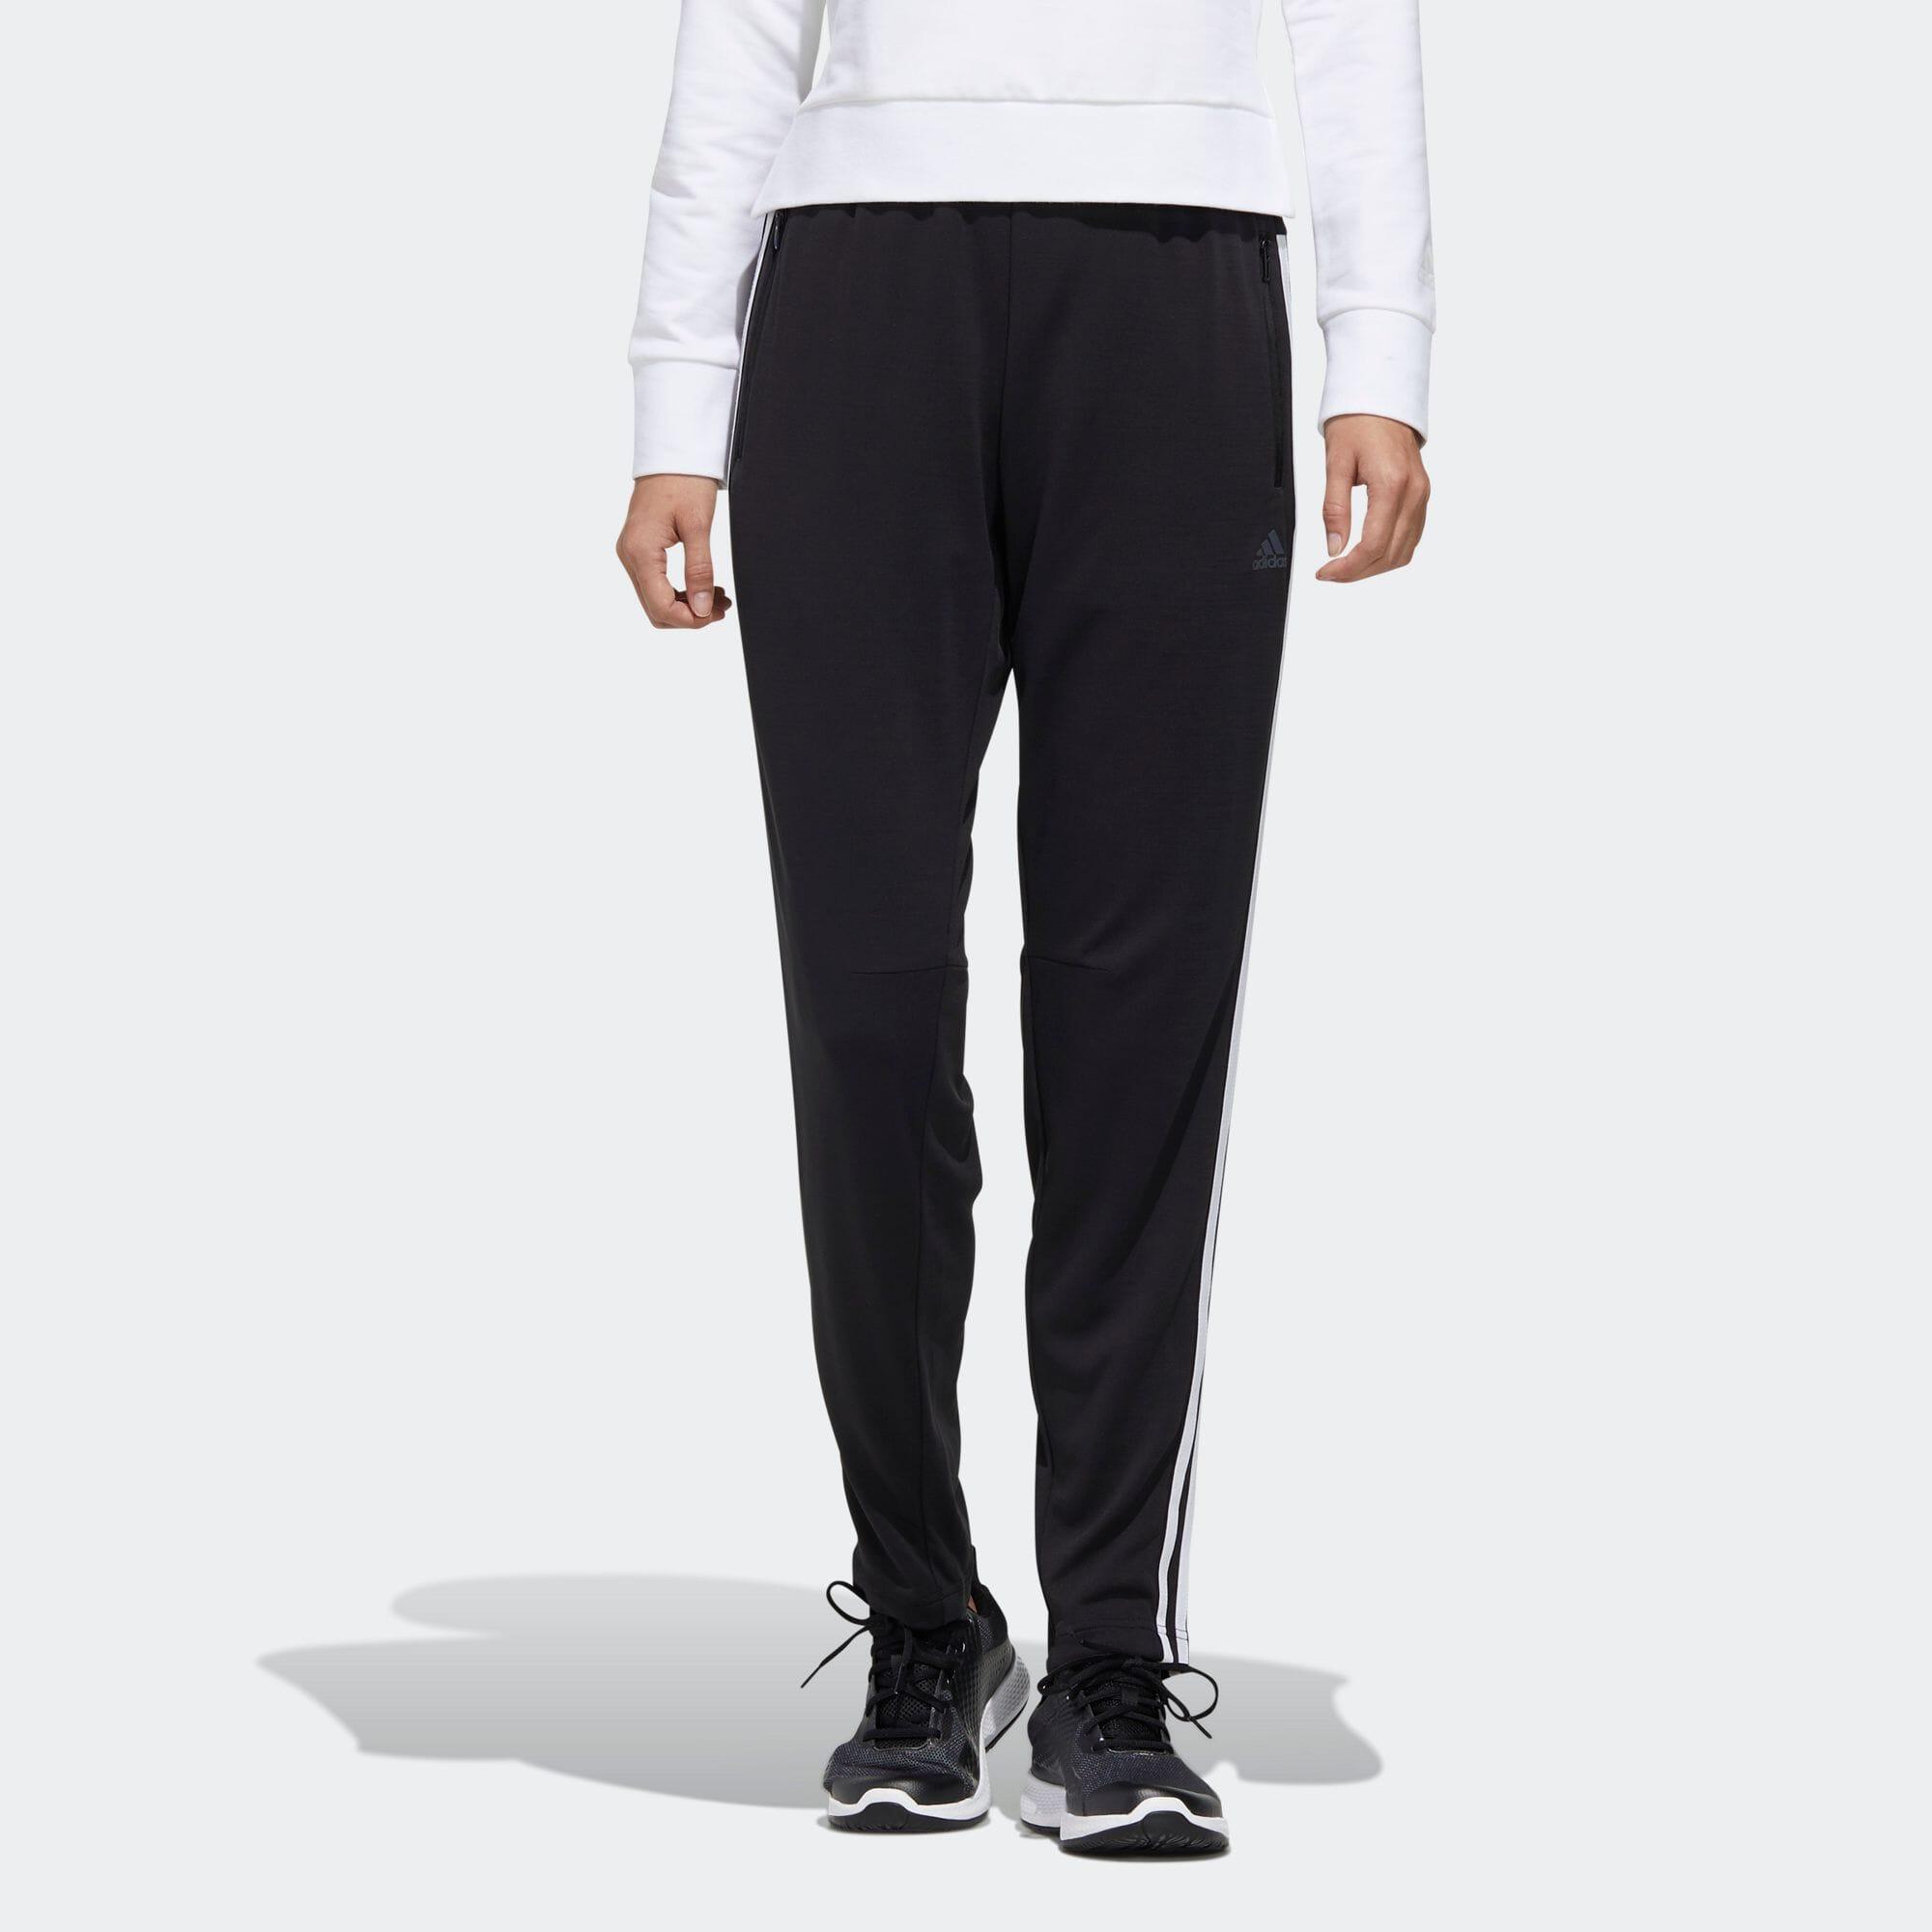 3ストライプス パンツ / 3-Stripes Pants